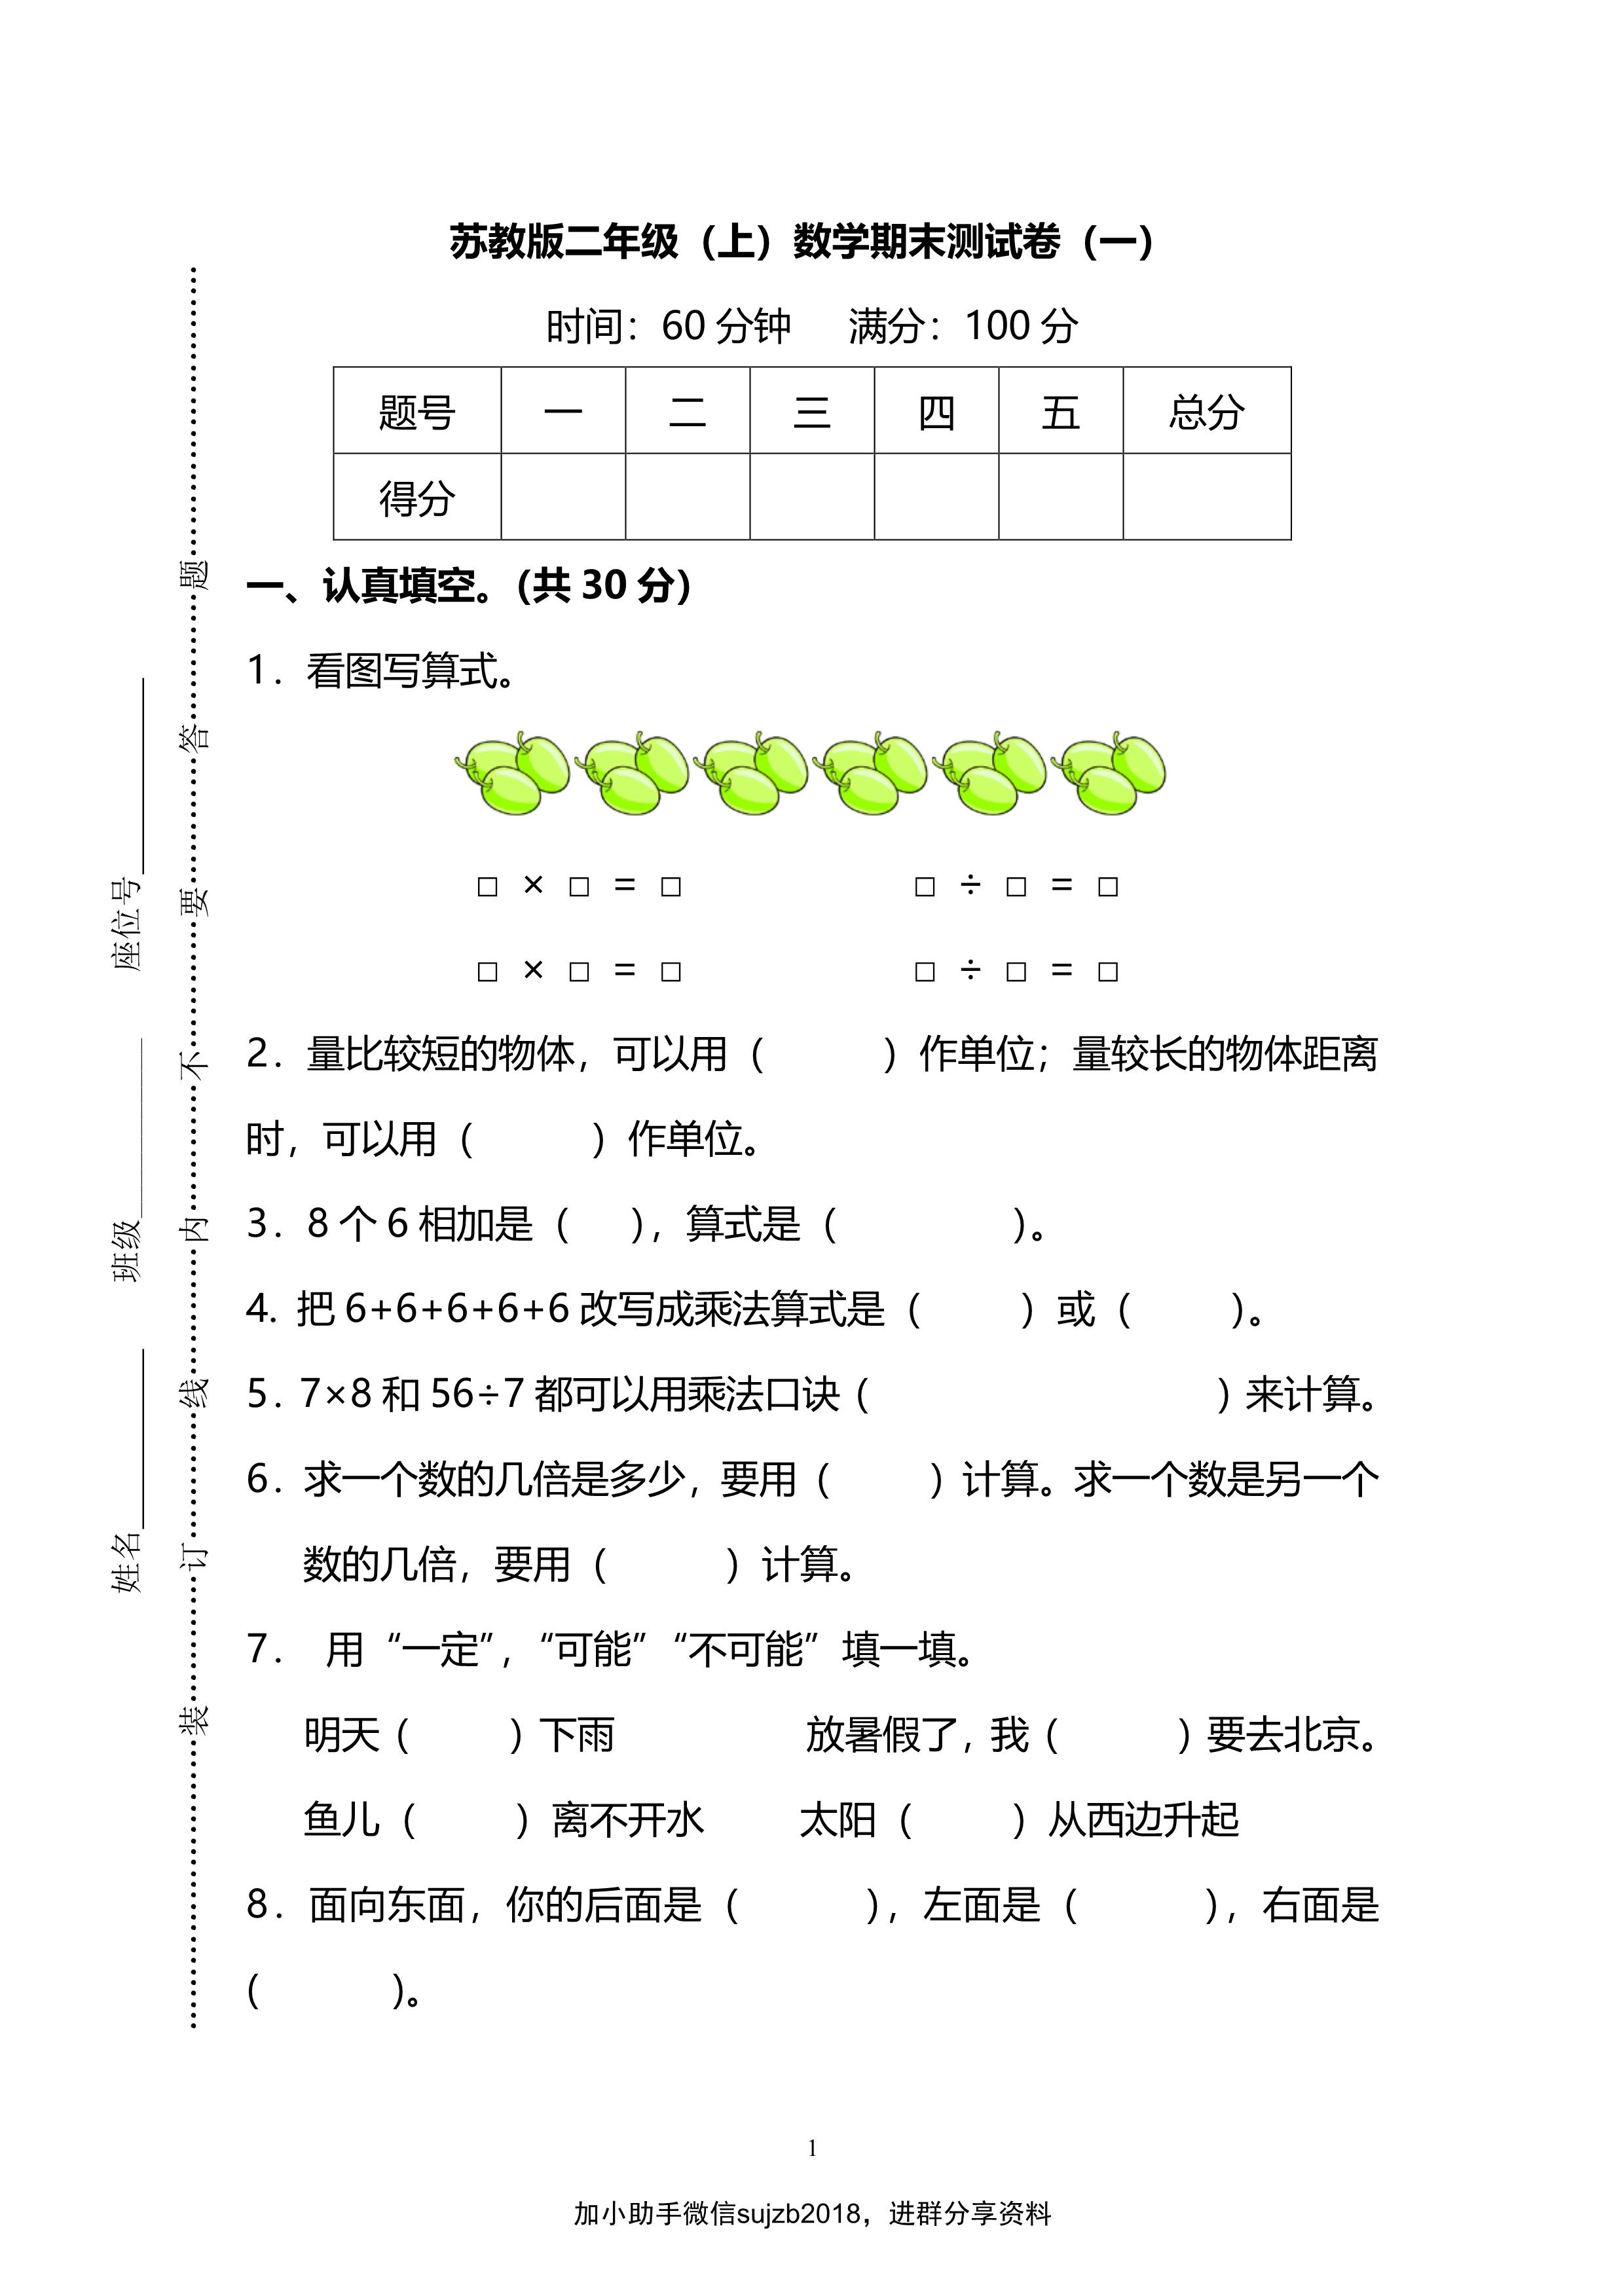 【名校密卷】苏教版二年级(上)数学期末测试卷(一)及答案_1.jpg